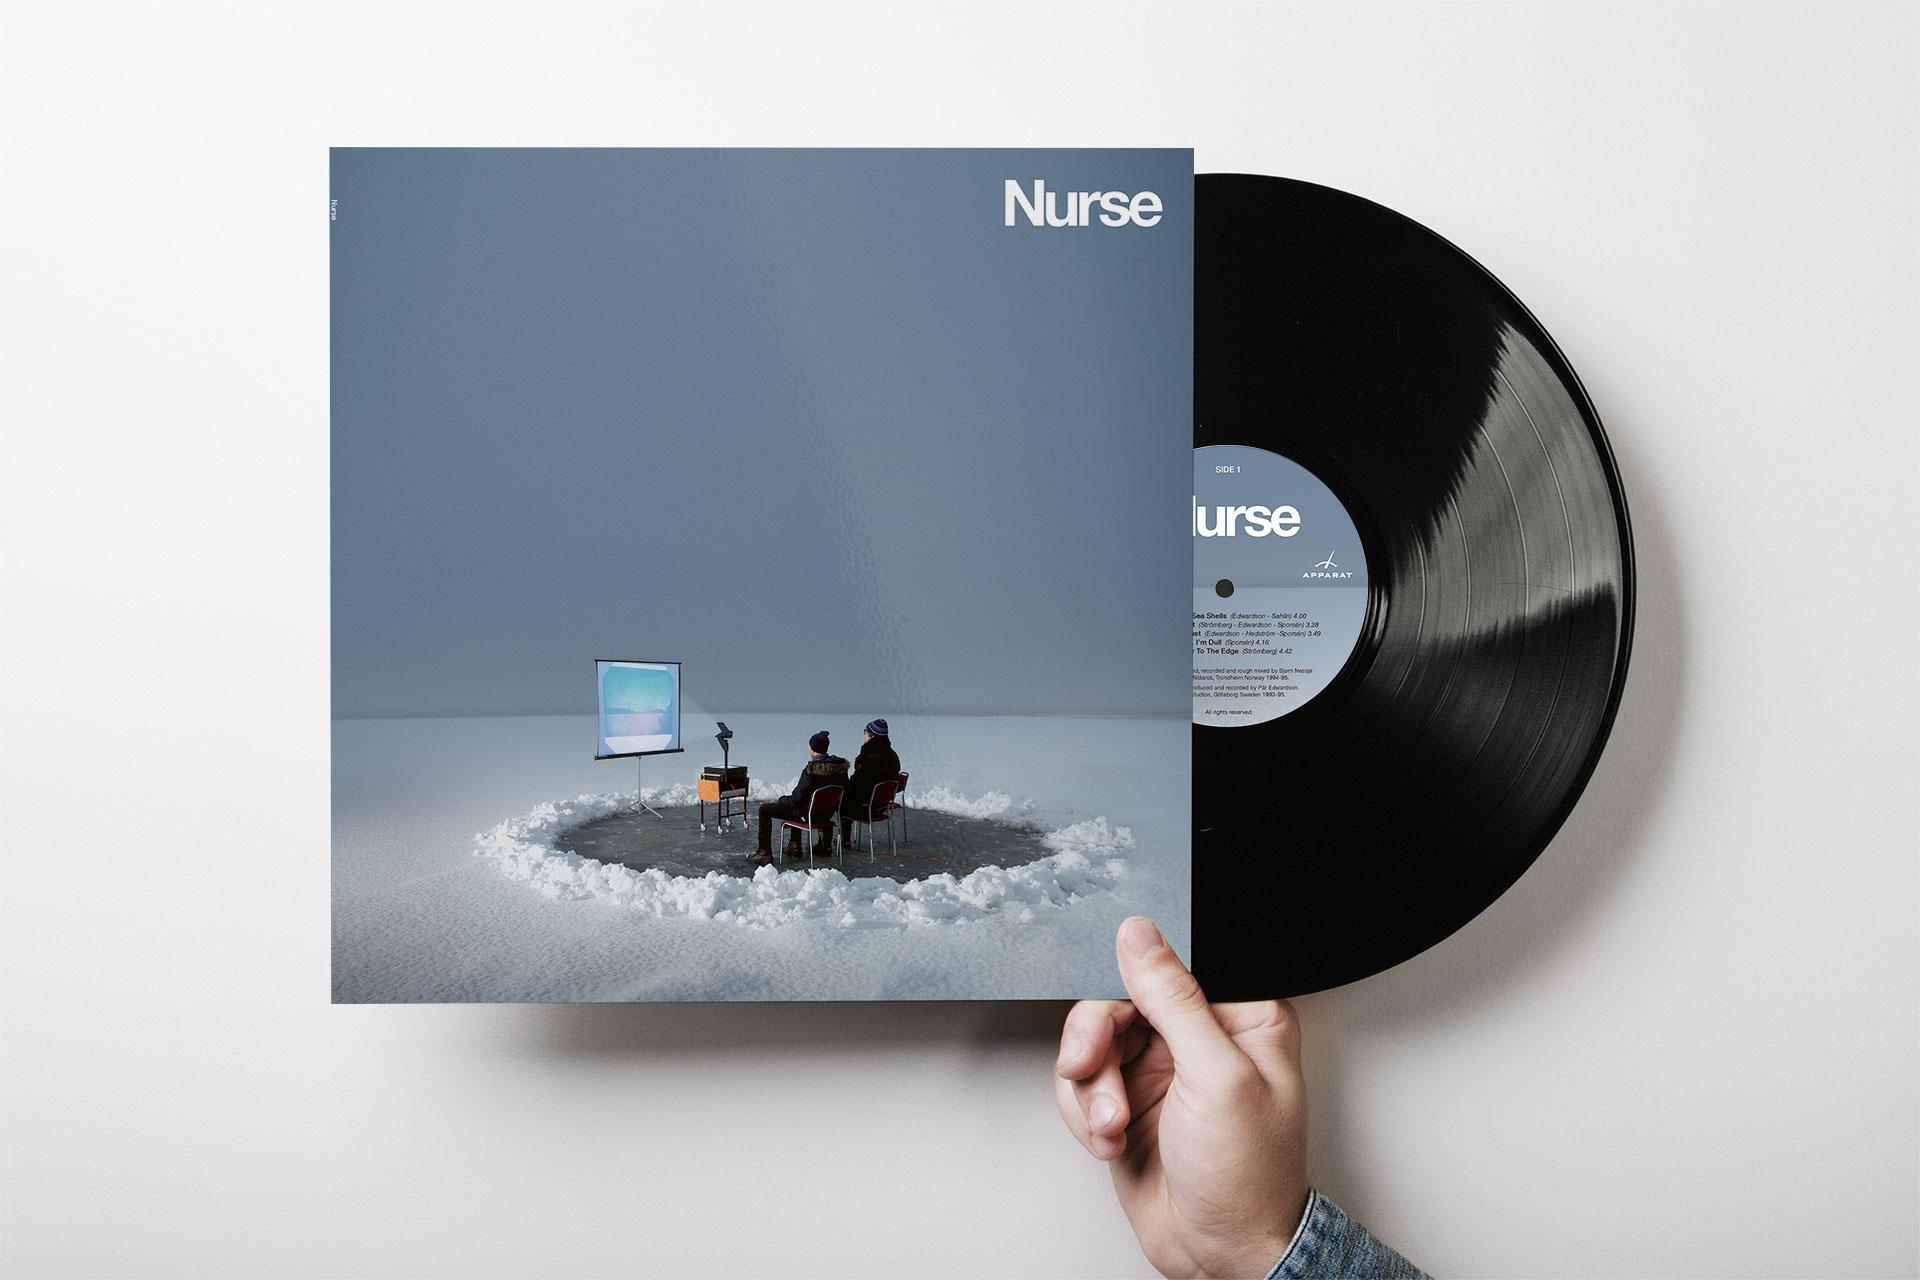 Nurse vinyl